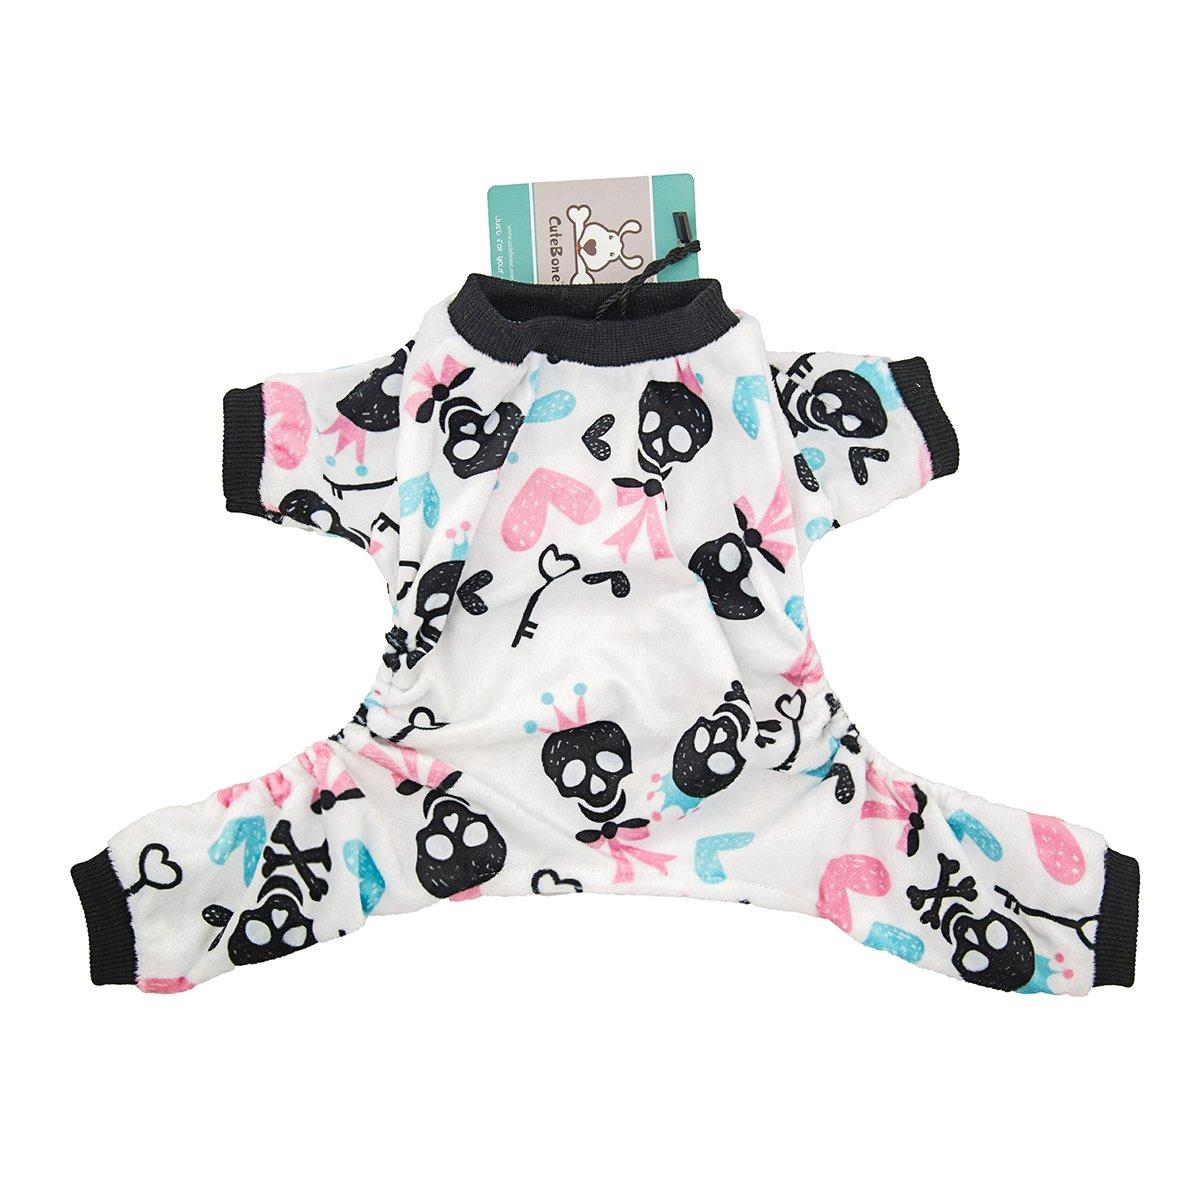 CuteBone Dog Pajamas Skeleton Dog Apparel Dog Jumpsuit Pet Clothes Pajamas P28M